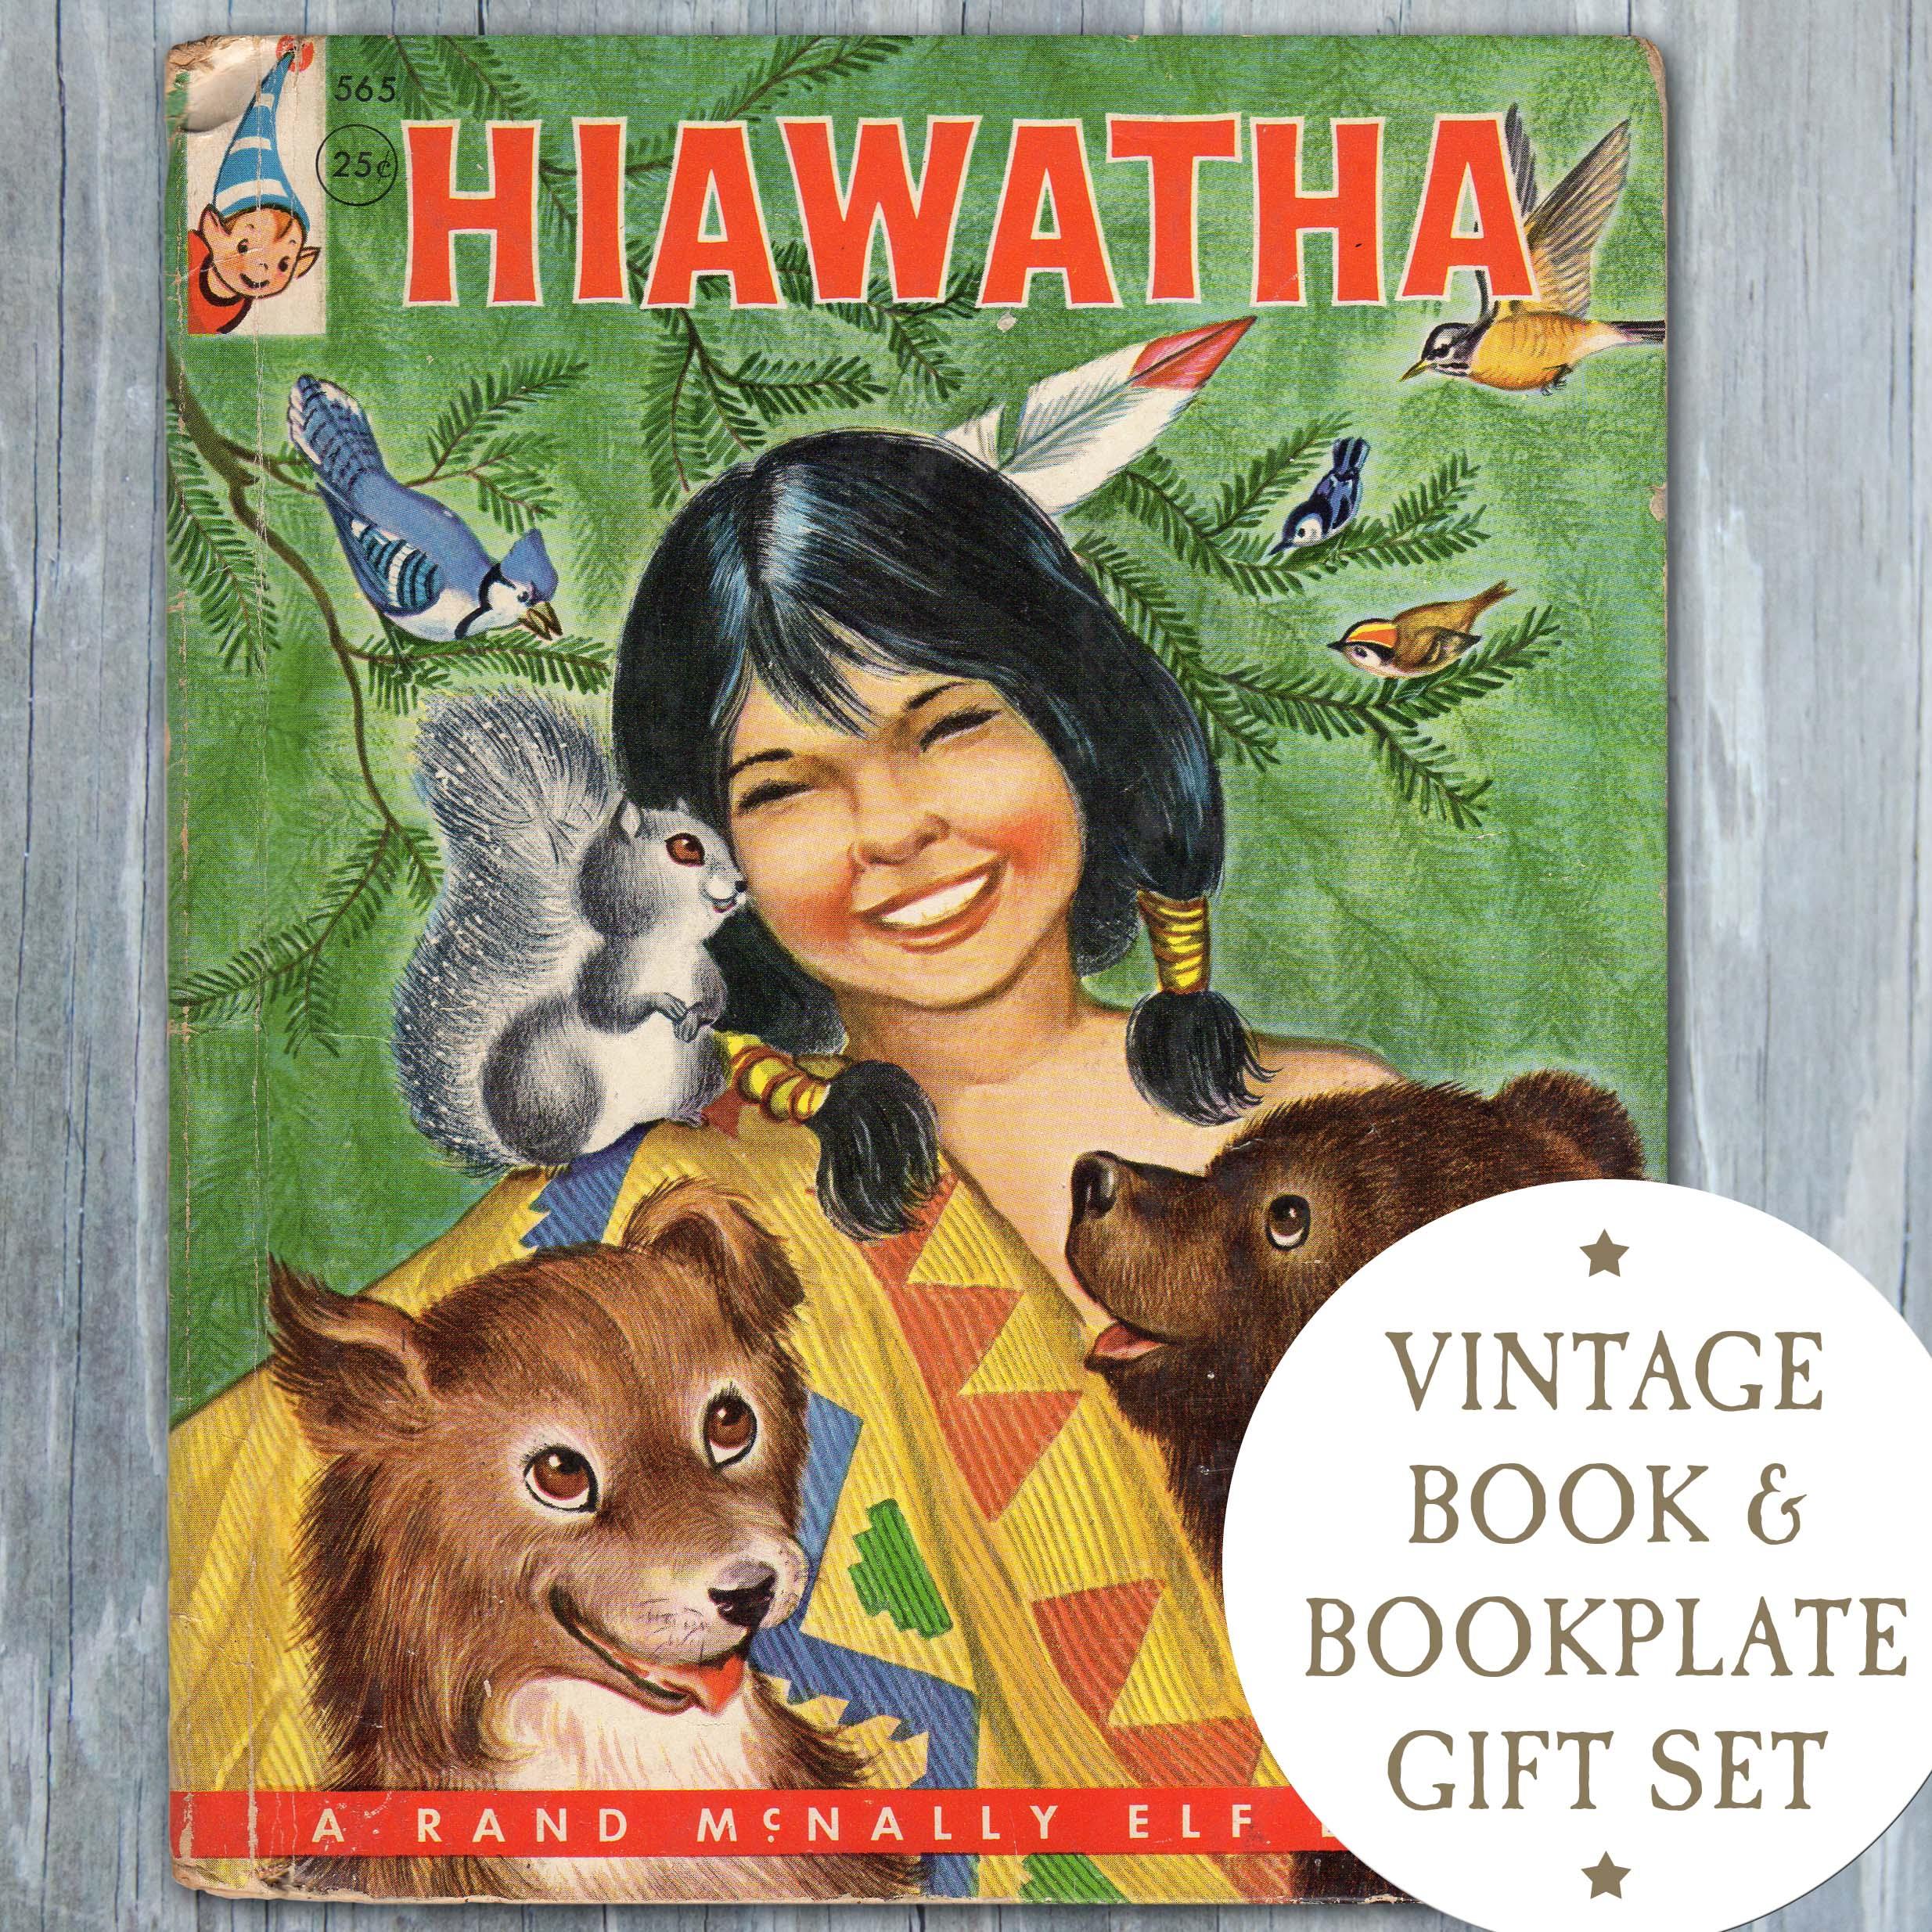 HIAWATHA - 1950